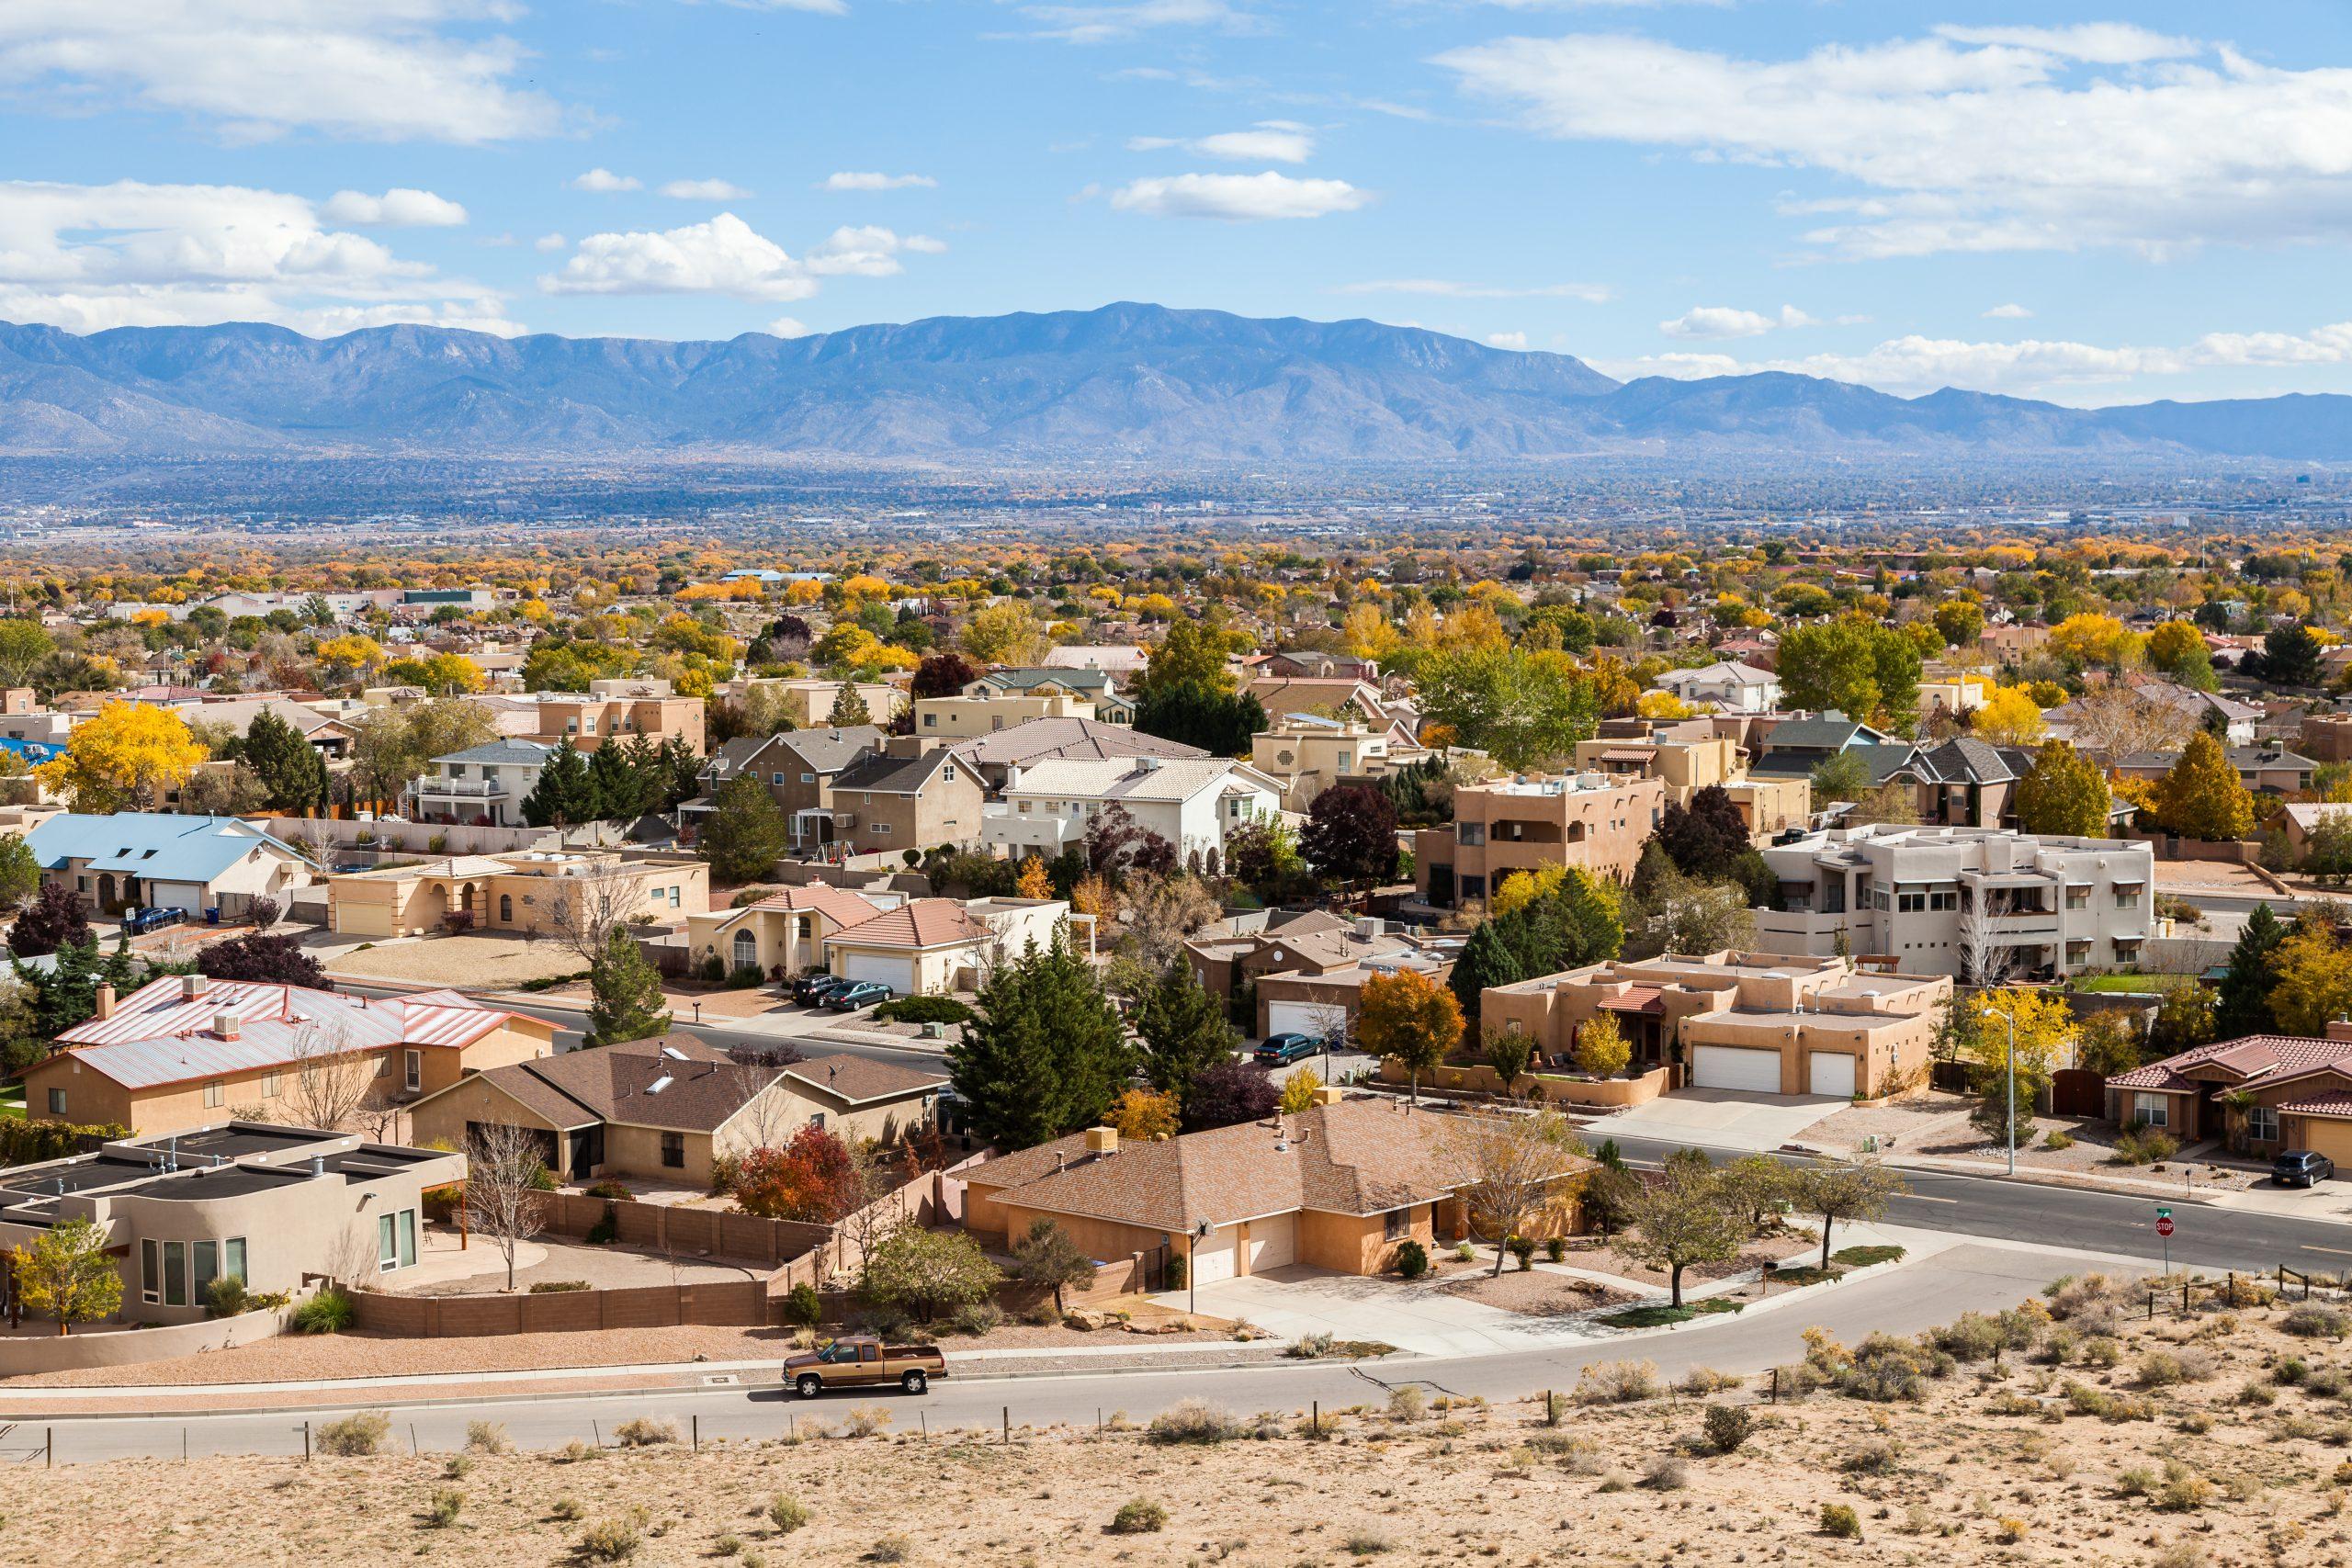 A beautiful neighborhood in Rio Rancho Albuquerque New Mexico.